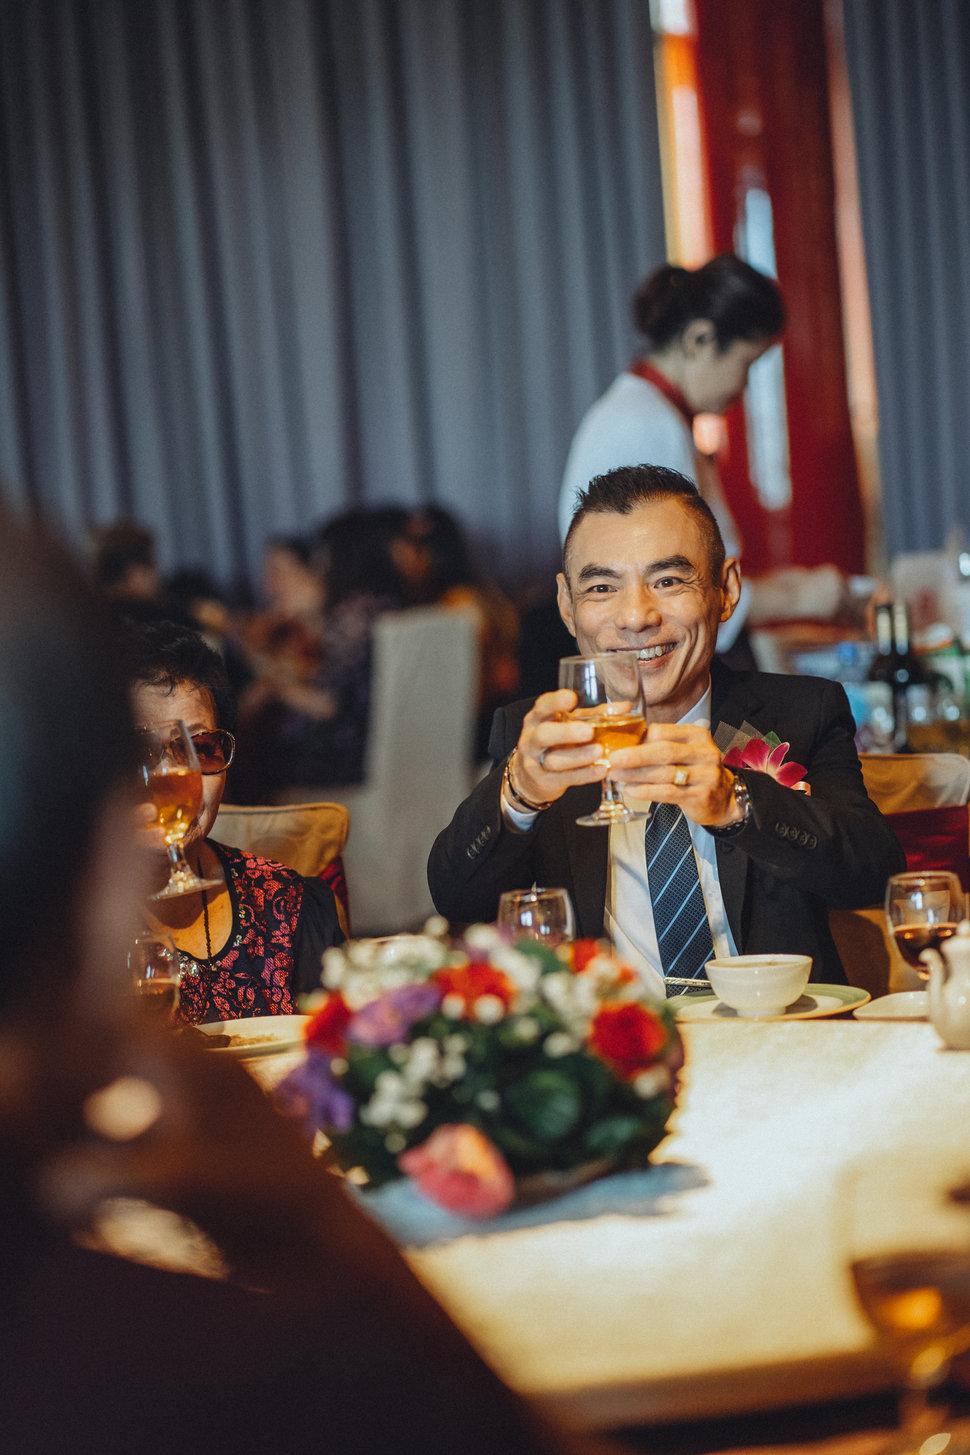 20190914-20190914-DSC02289 - QUAN  婚禮紀錄 / 影像工作室《結婚吧》